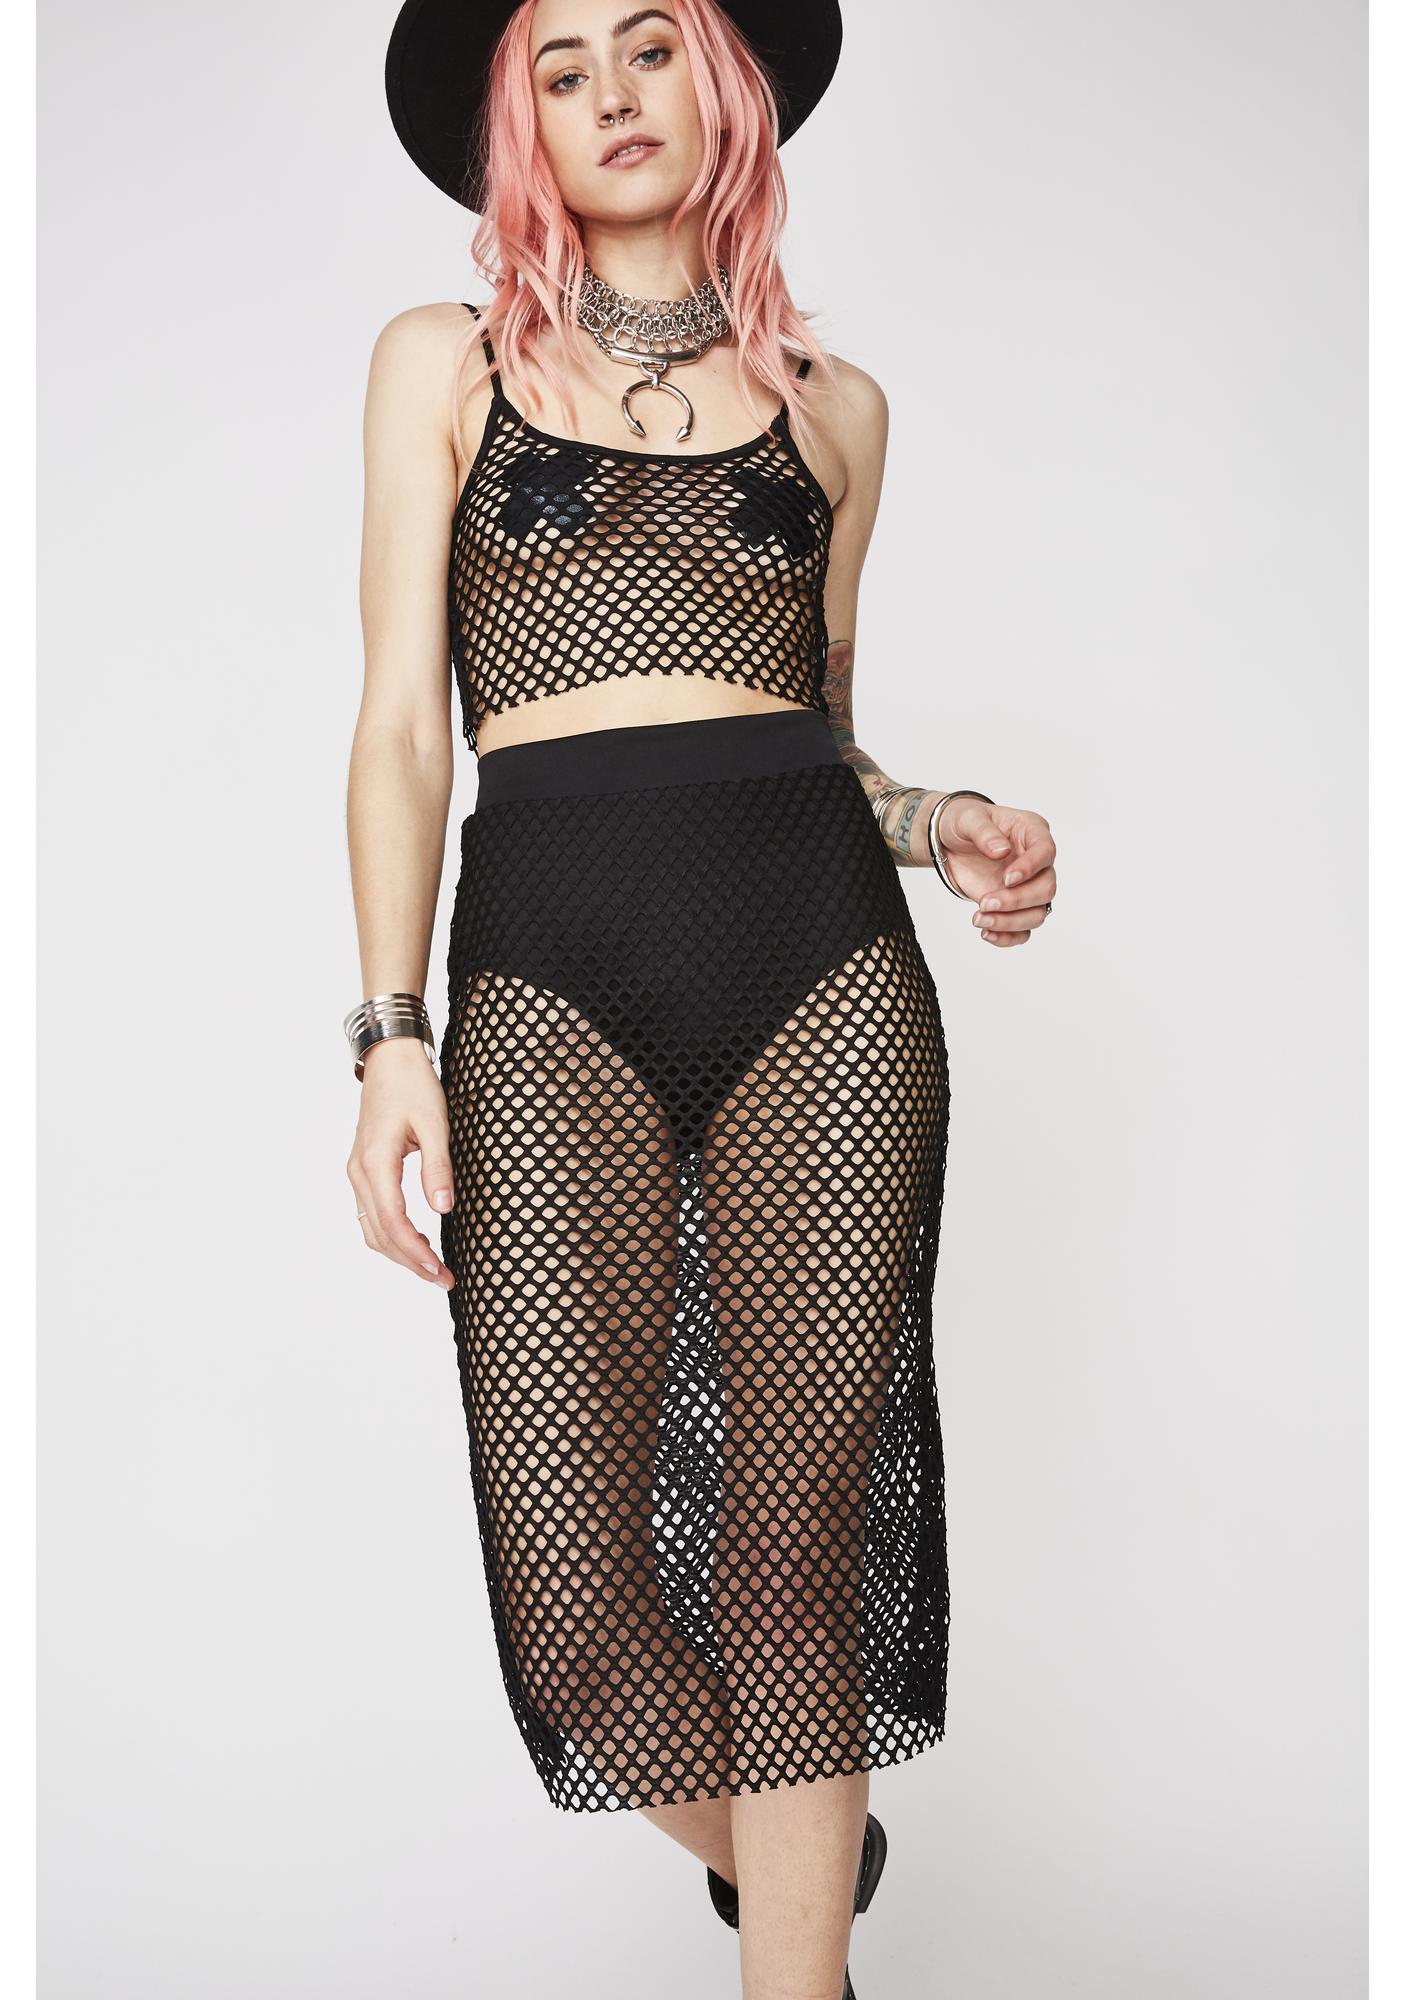 Hooked On You Fishnet Skirt